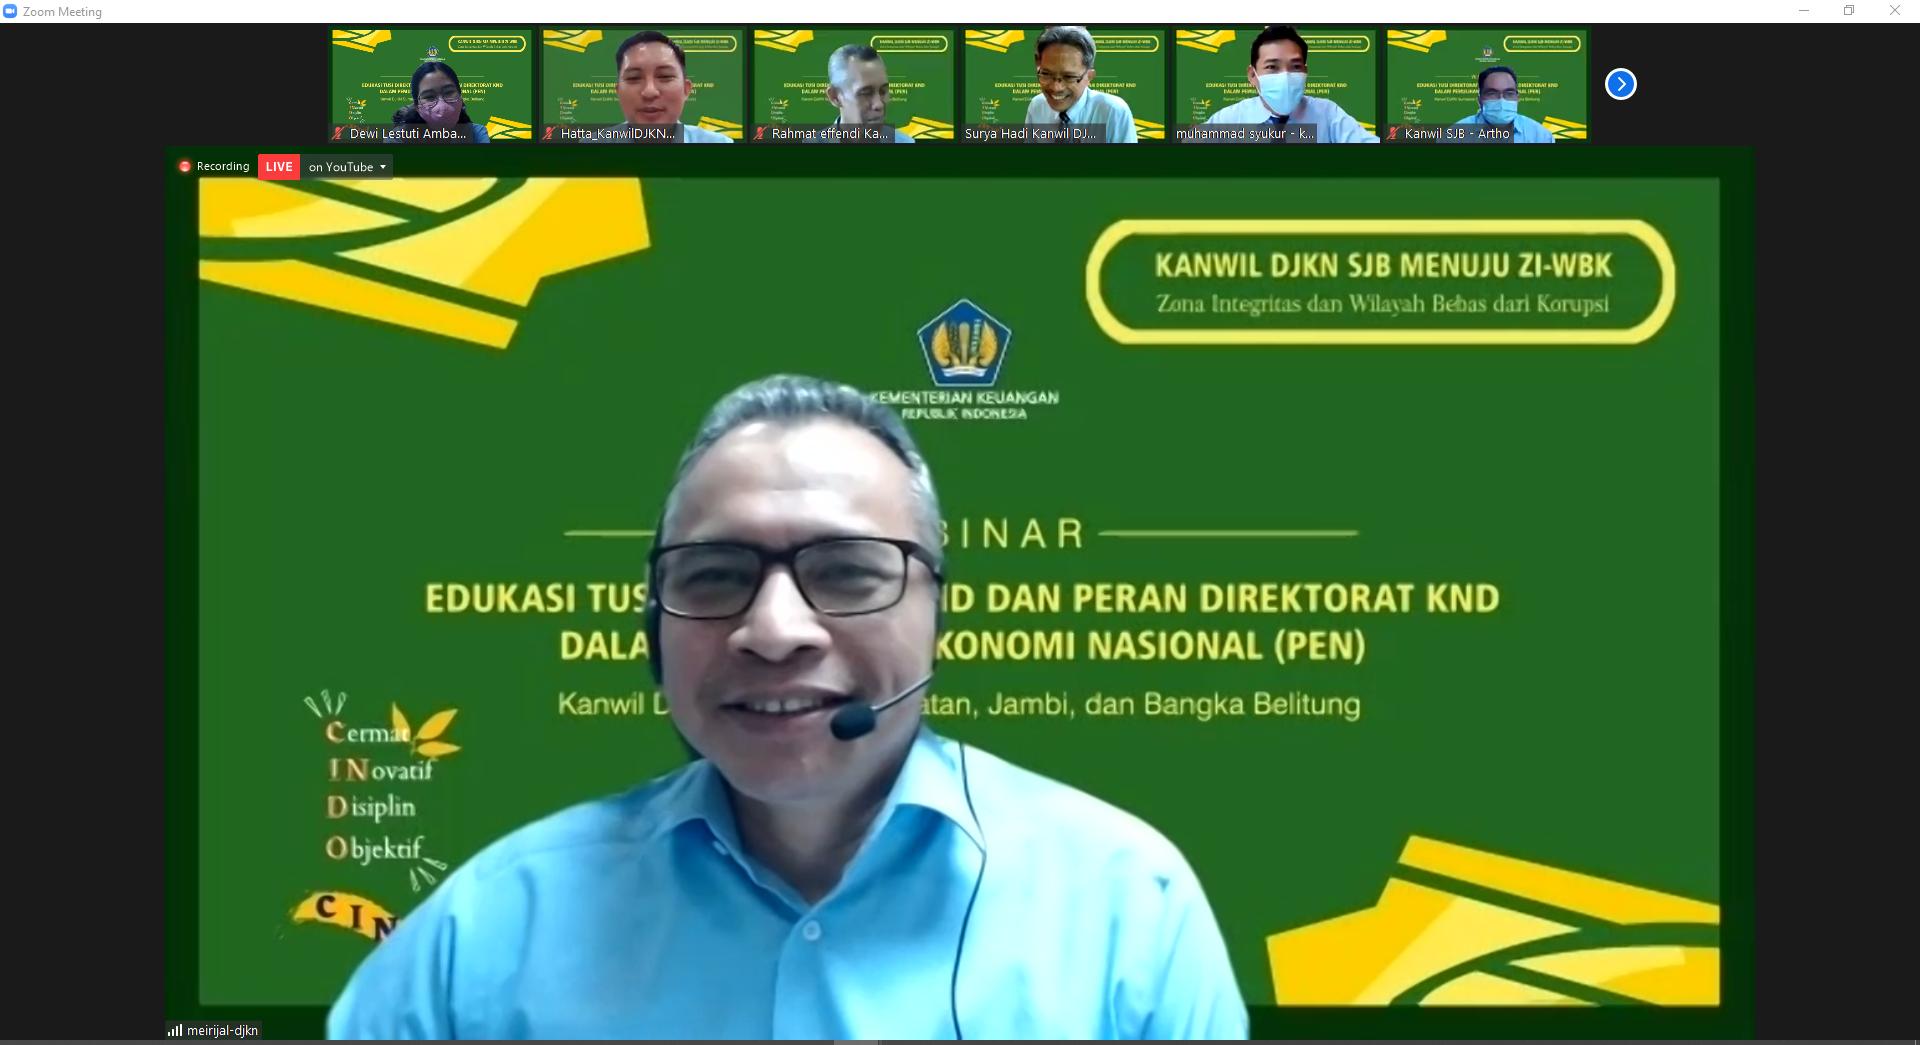 Dalami Pentingnya KND dalam PEN, Kanwil DJKN SJB Adakan Webinar Mengenal Tusi Direktorat KND